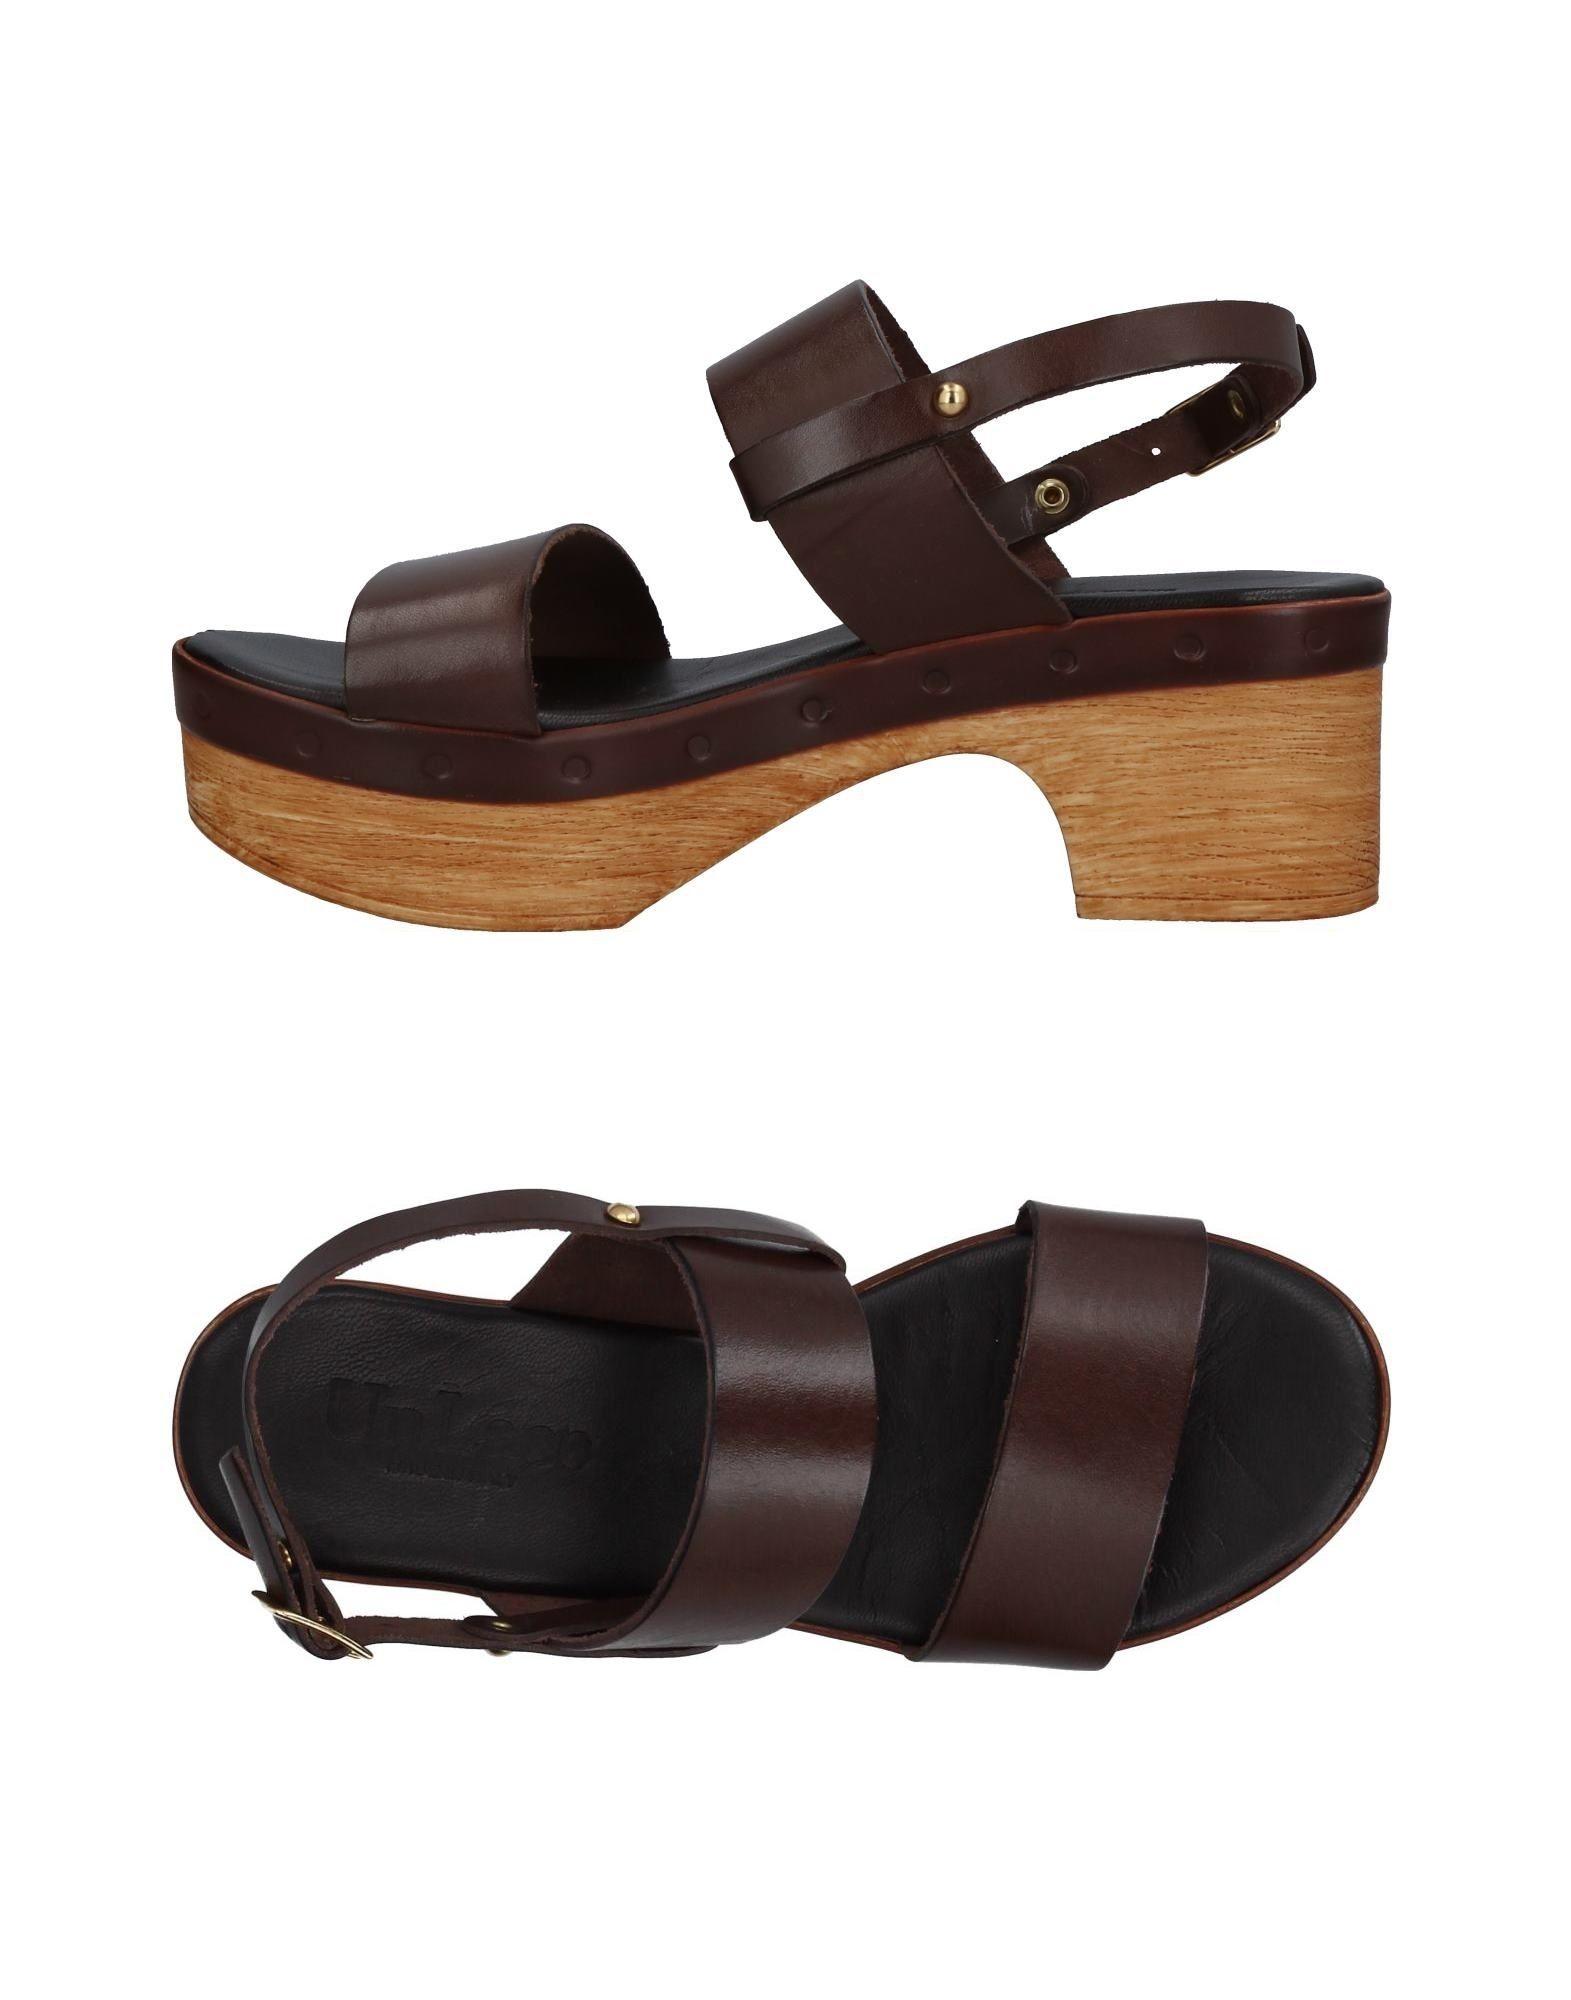 Moda Sandali Unlace Donna - 11375416MG